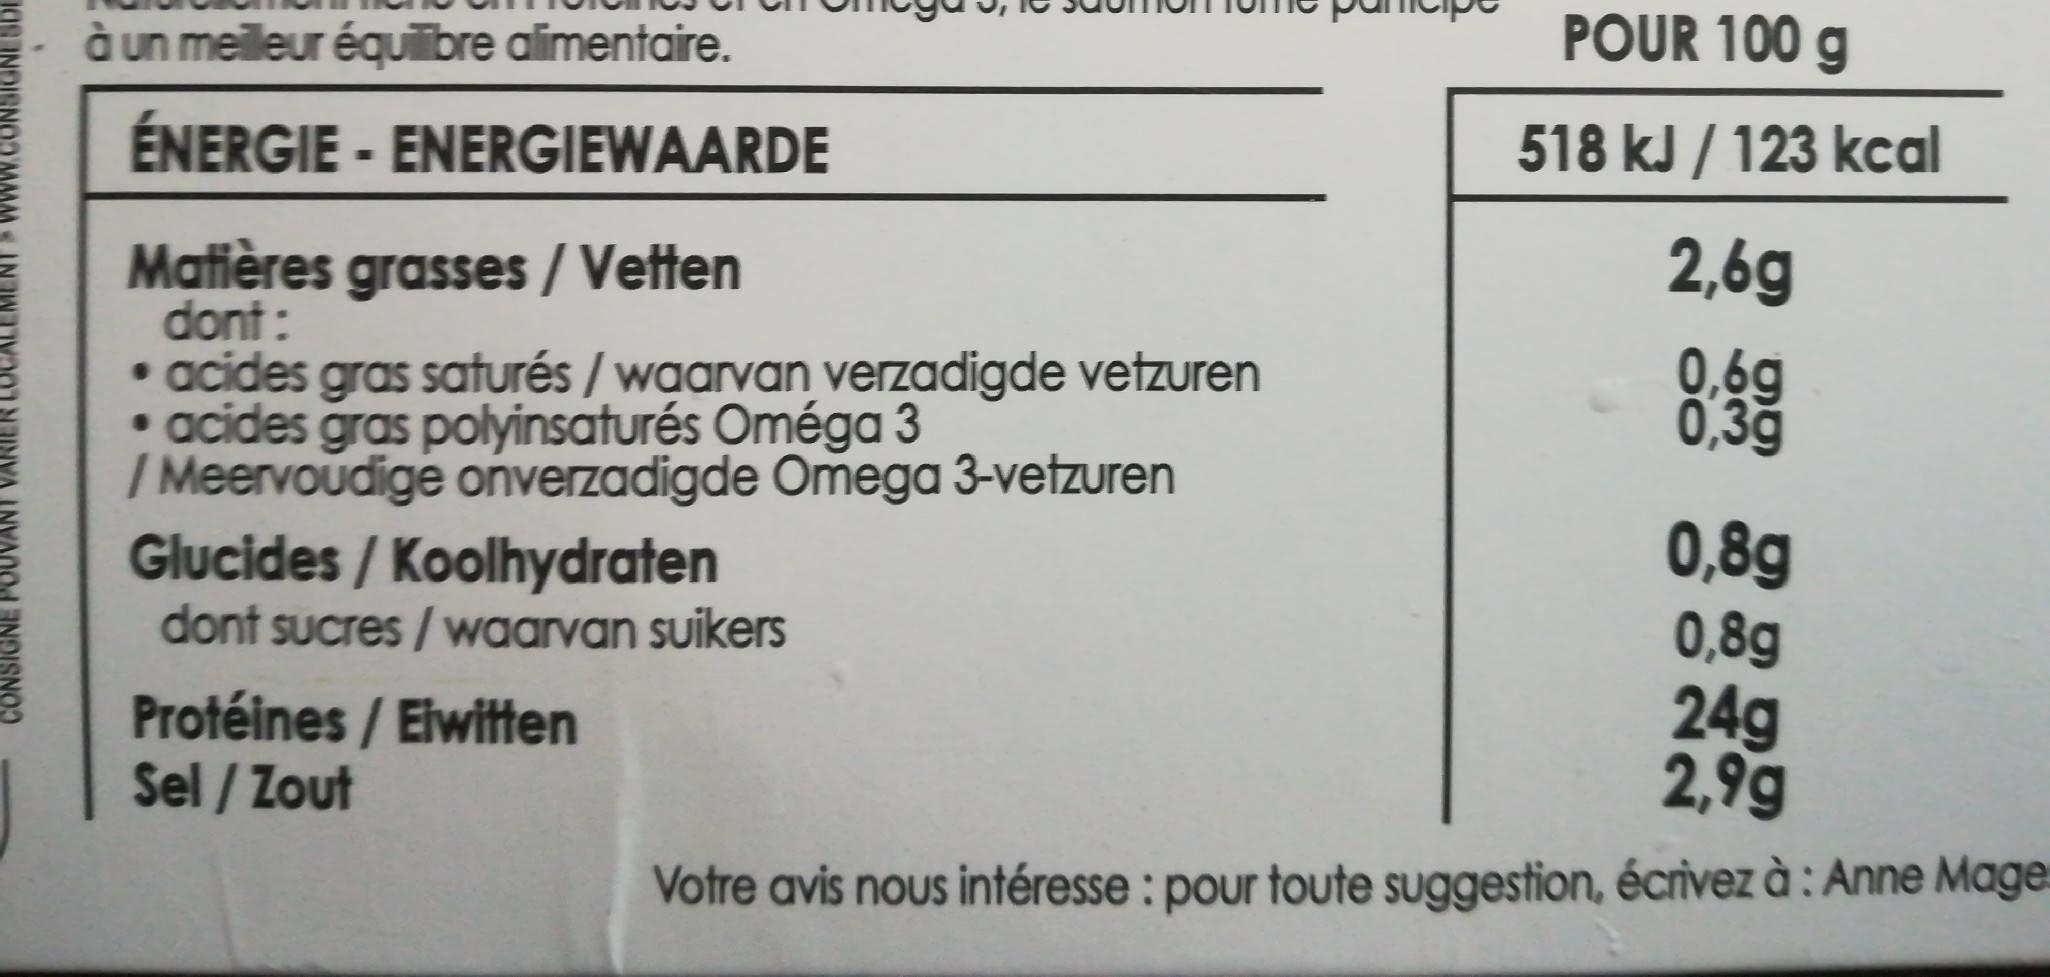 Saumon fumé grandes origines - Informations nutritionnelles - fr